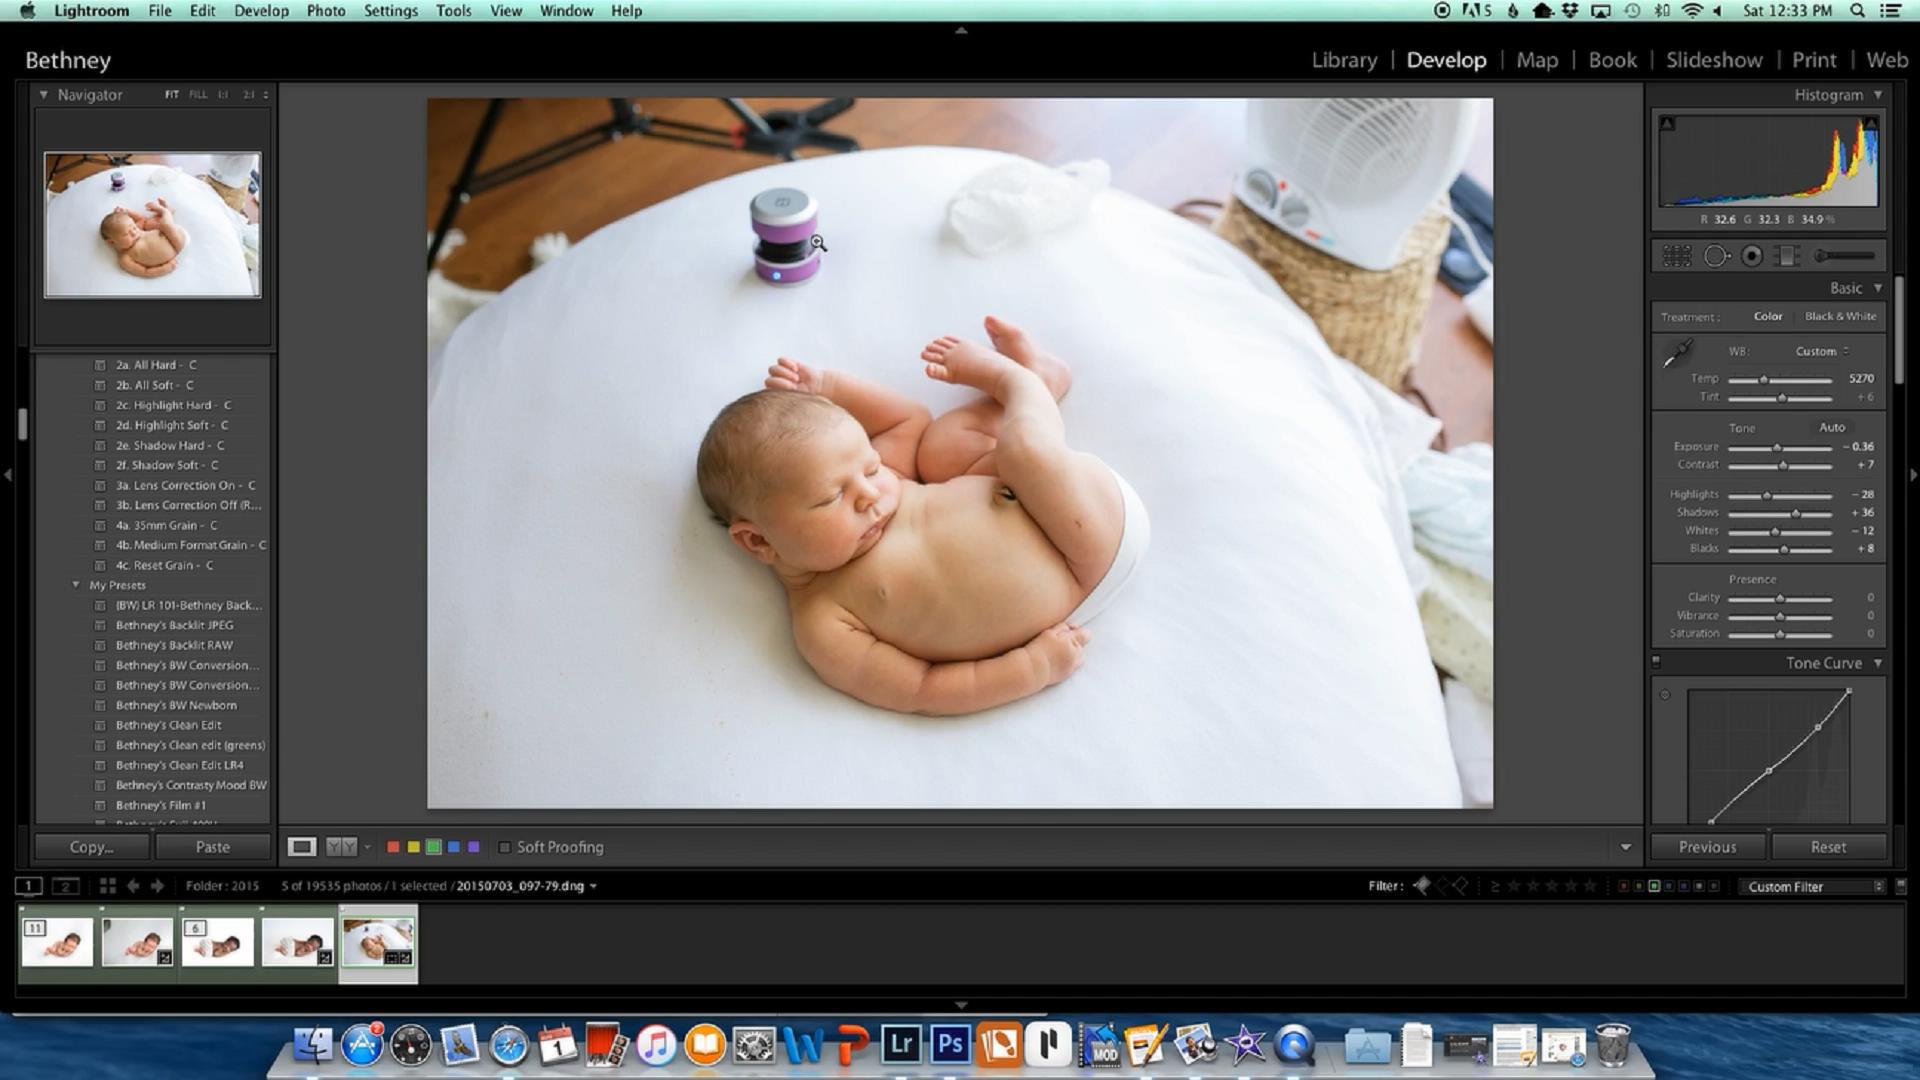 摄影教程_Bethney Backhaus 掌握新生儿摄影的极简主义风格教程 摄影教程 _预览图11